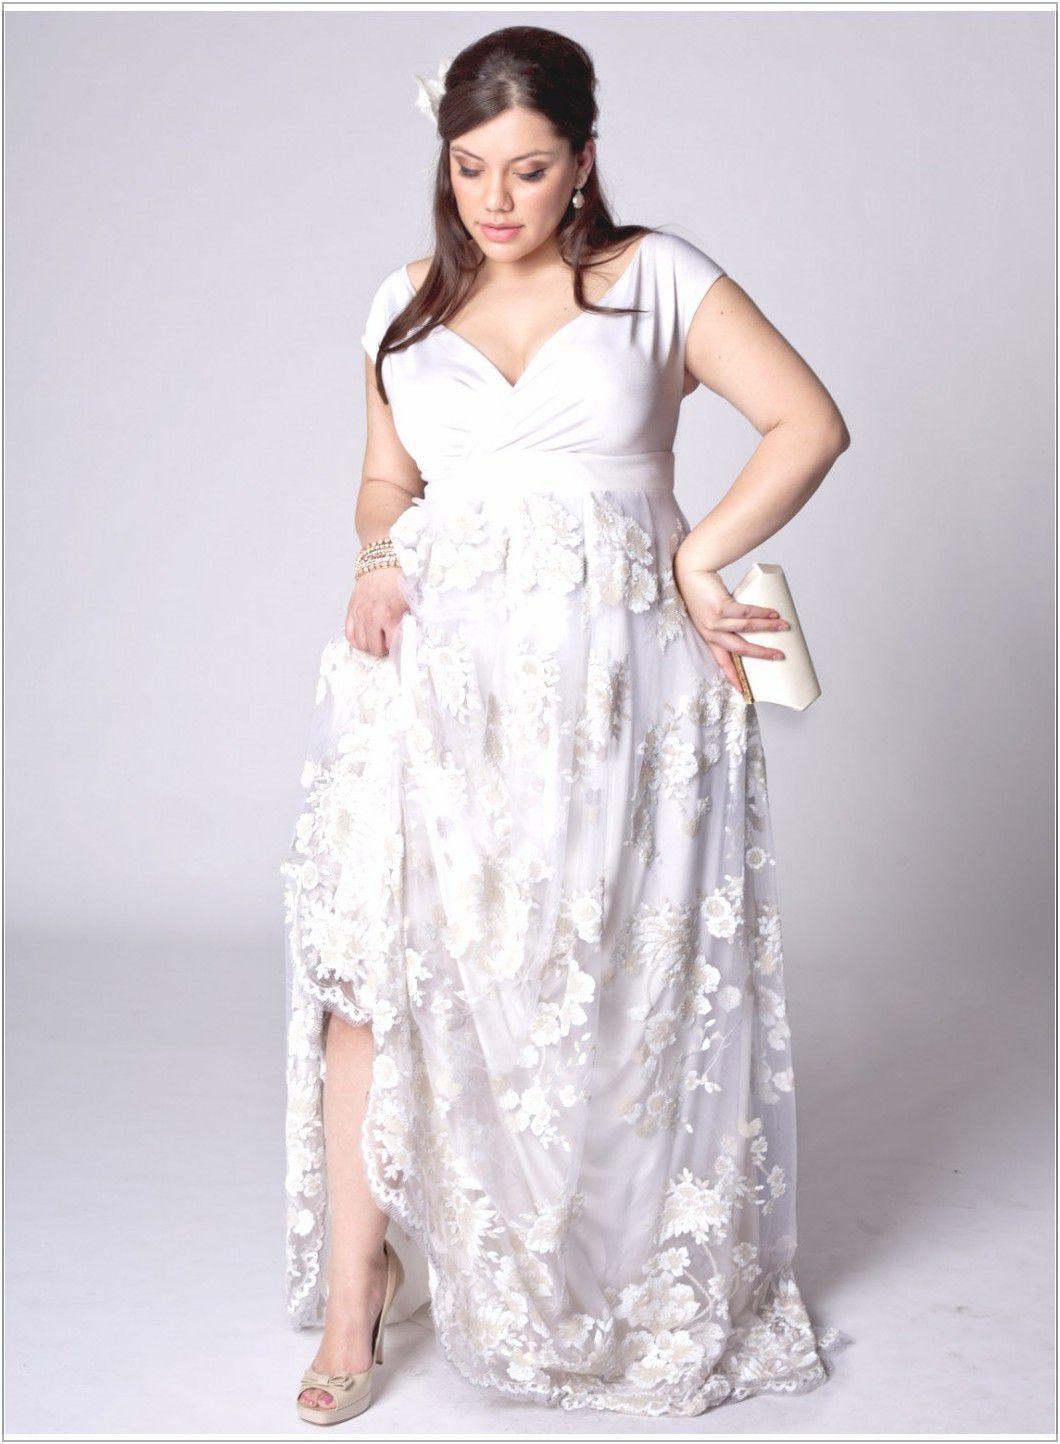 Plus size casual wedding dress  Pin by jooana on wedding ideas for you  Pinterest  Casual wedding